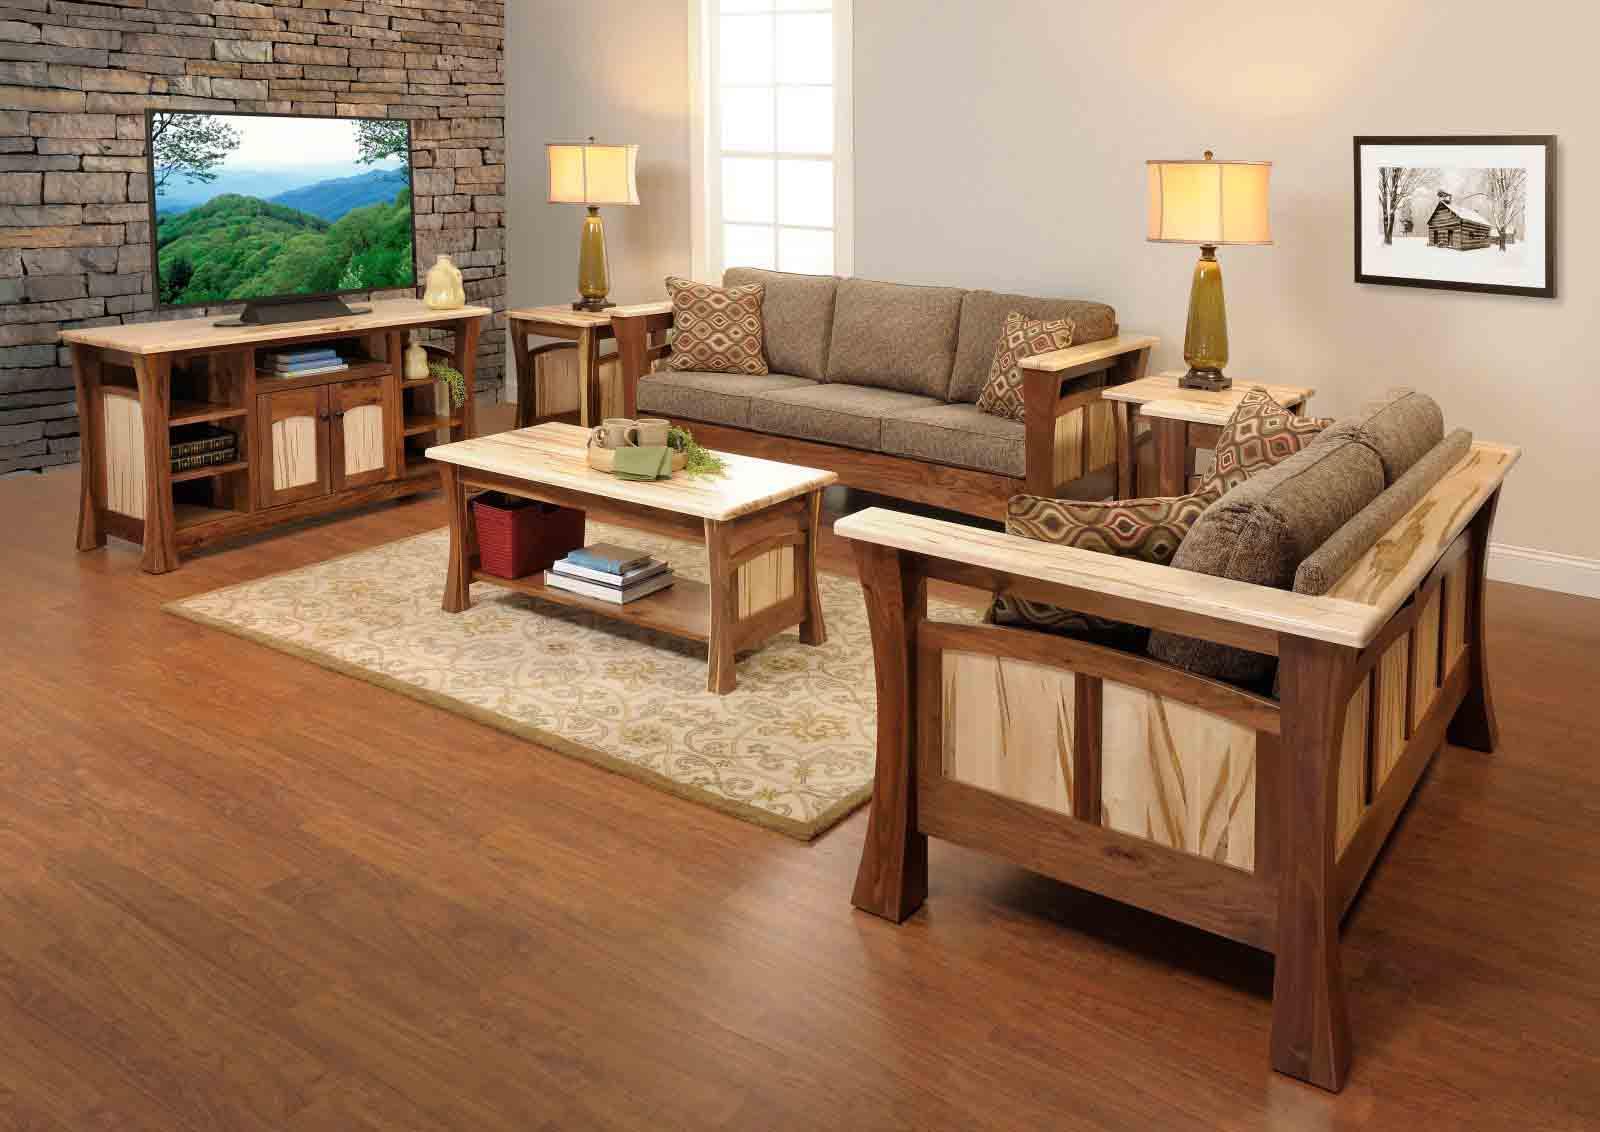 Amish Furniture sofa chairs